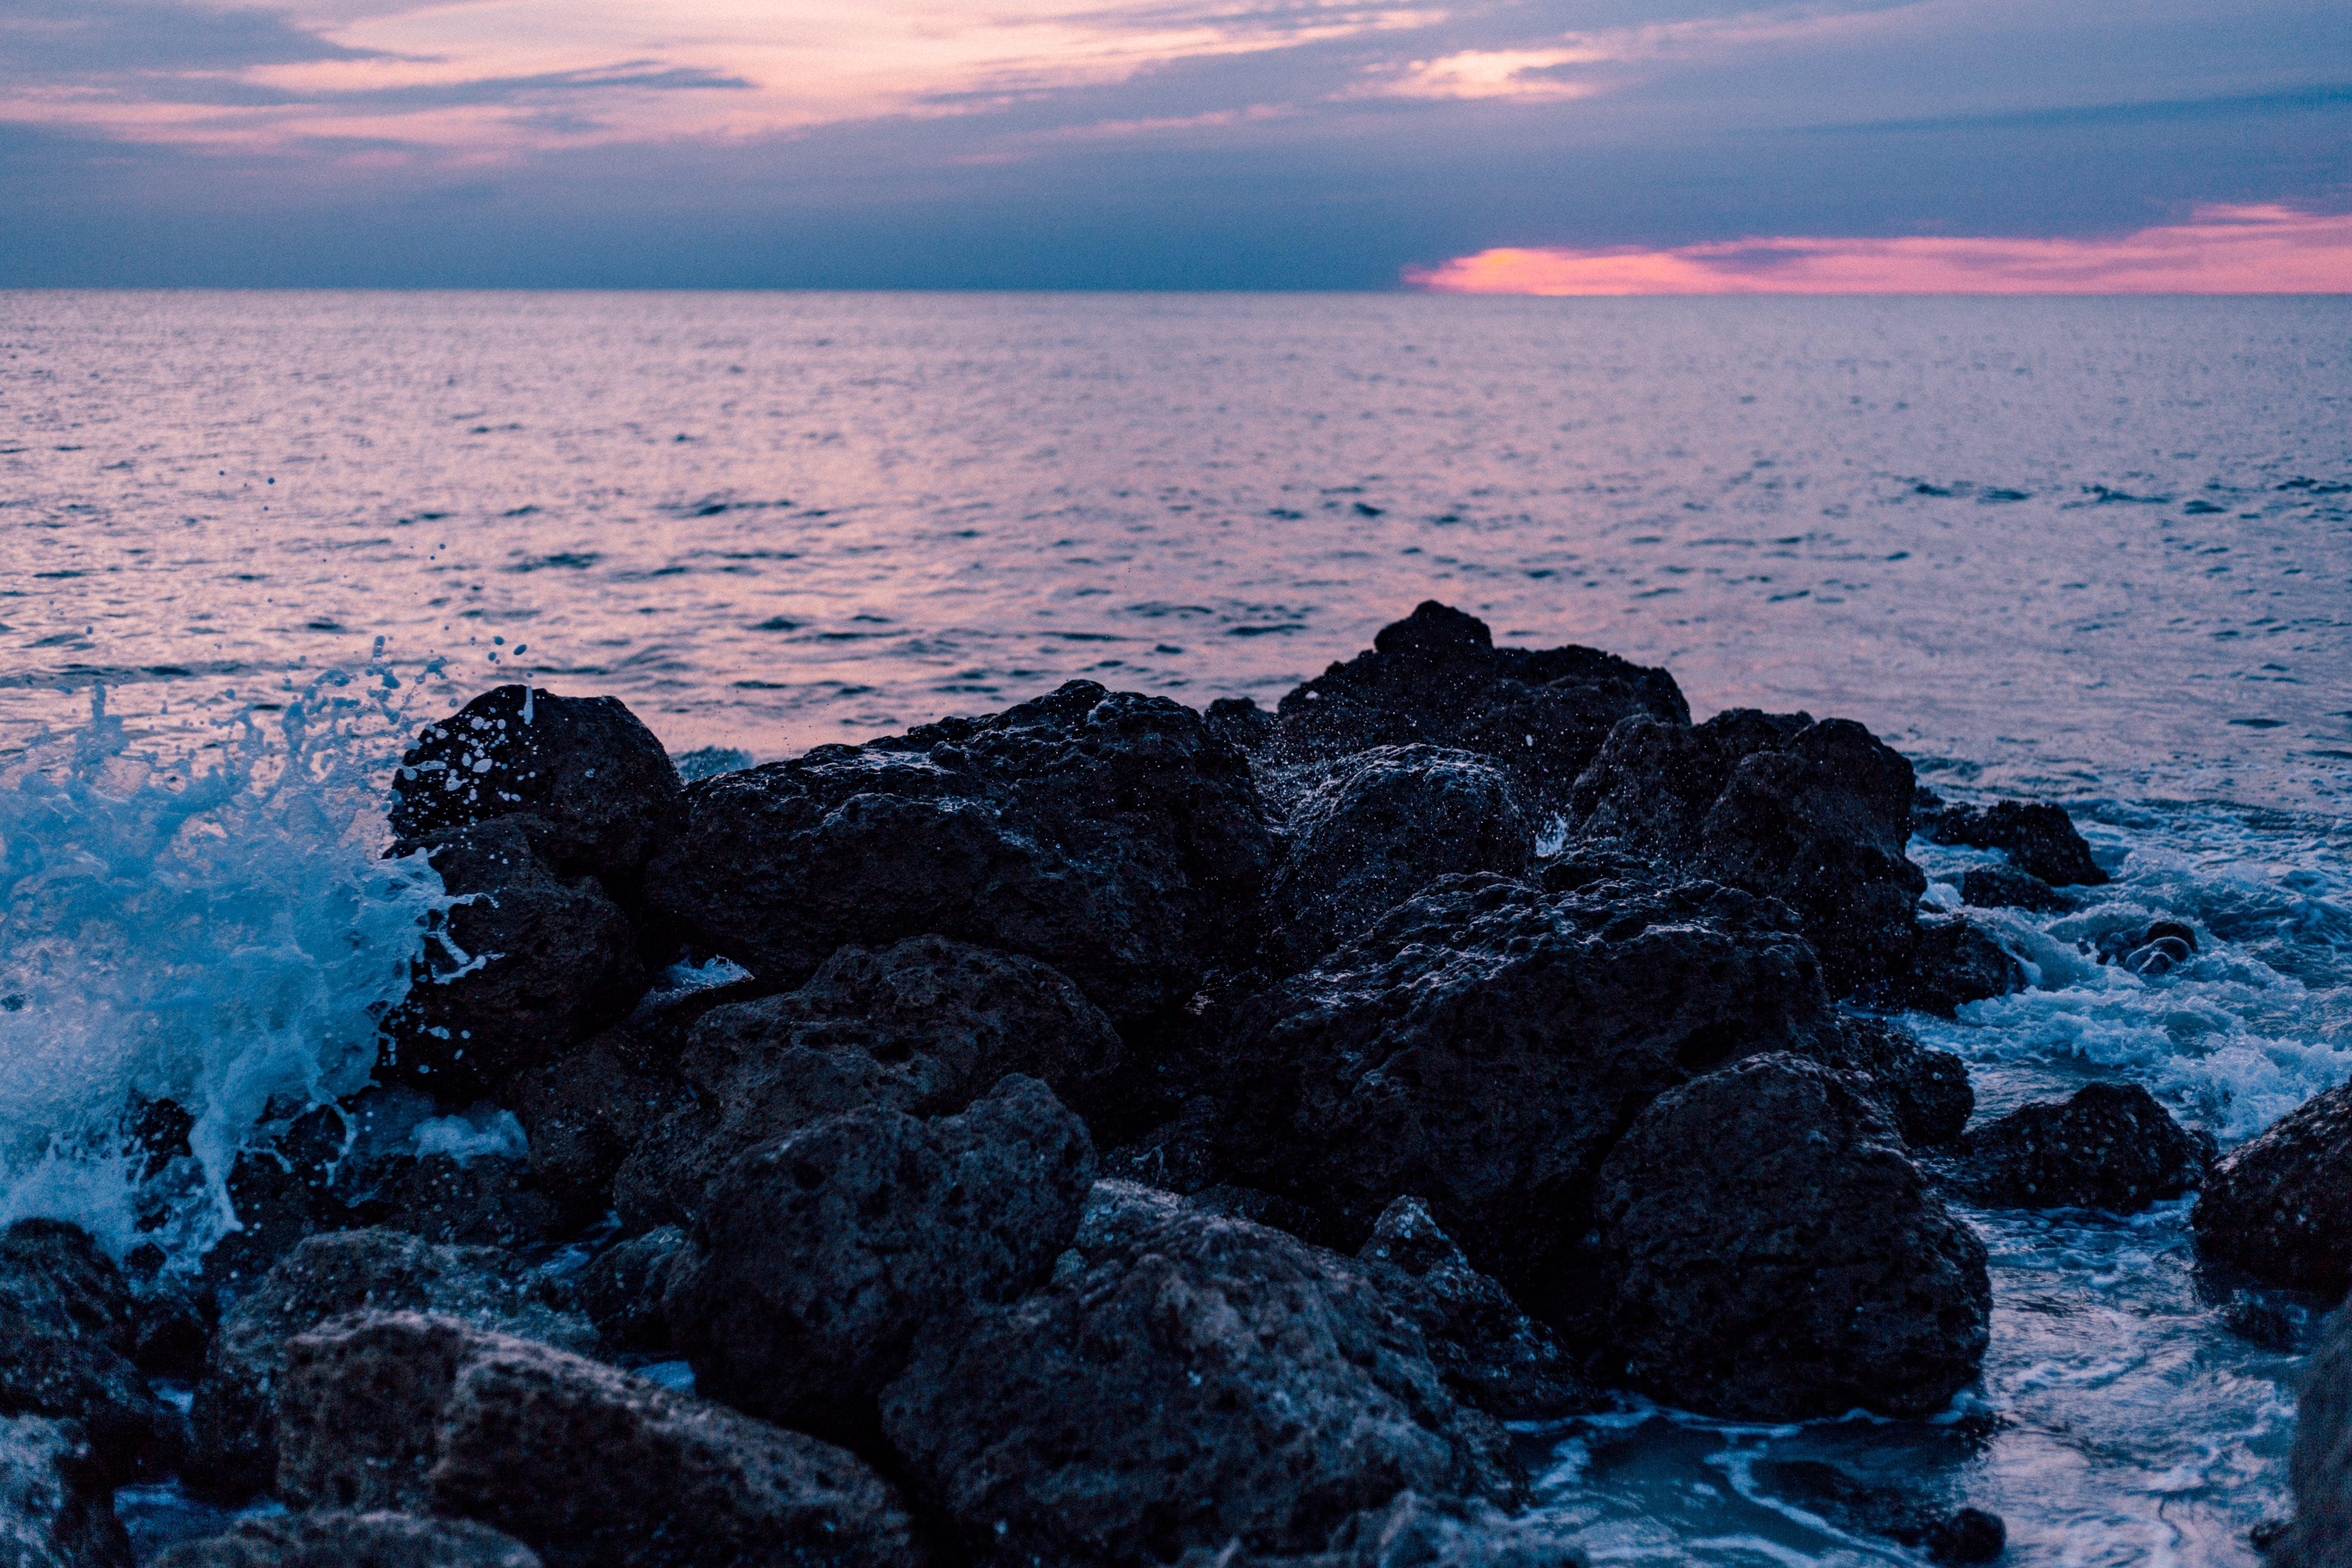 しぶき, 岩, 日没, 水の無料の写真素材